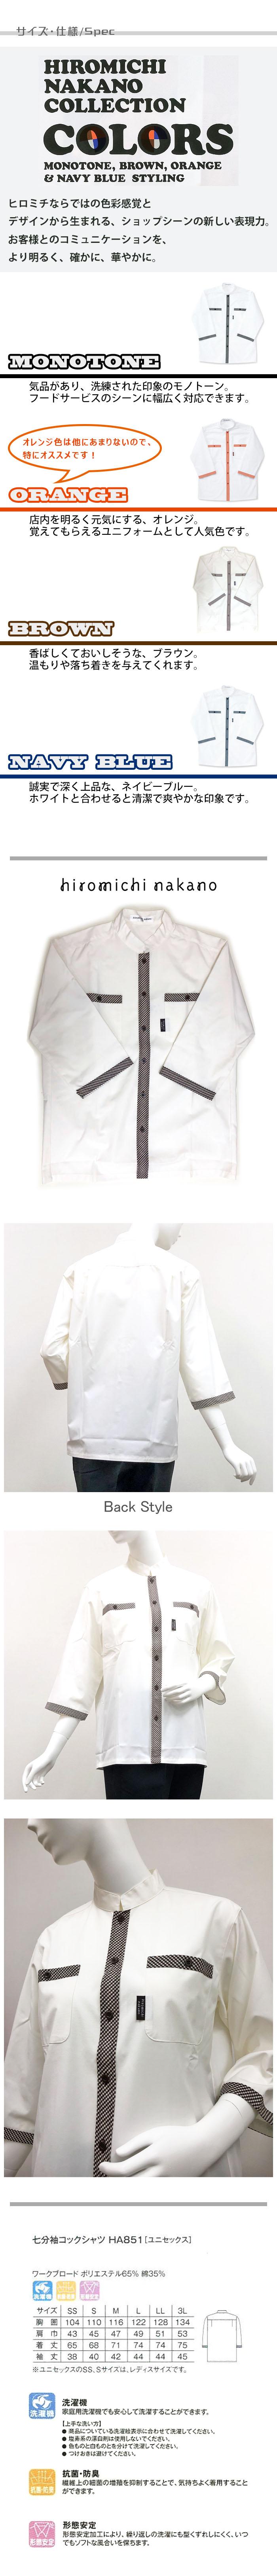 飲食店販売店制服 ヒロミチナカノ・チェック柄がアクセント 7分袖コックシャツ【4色】男女兼用